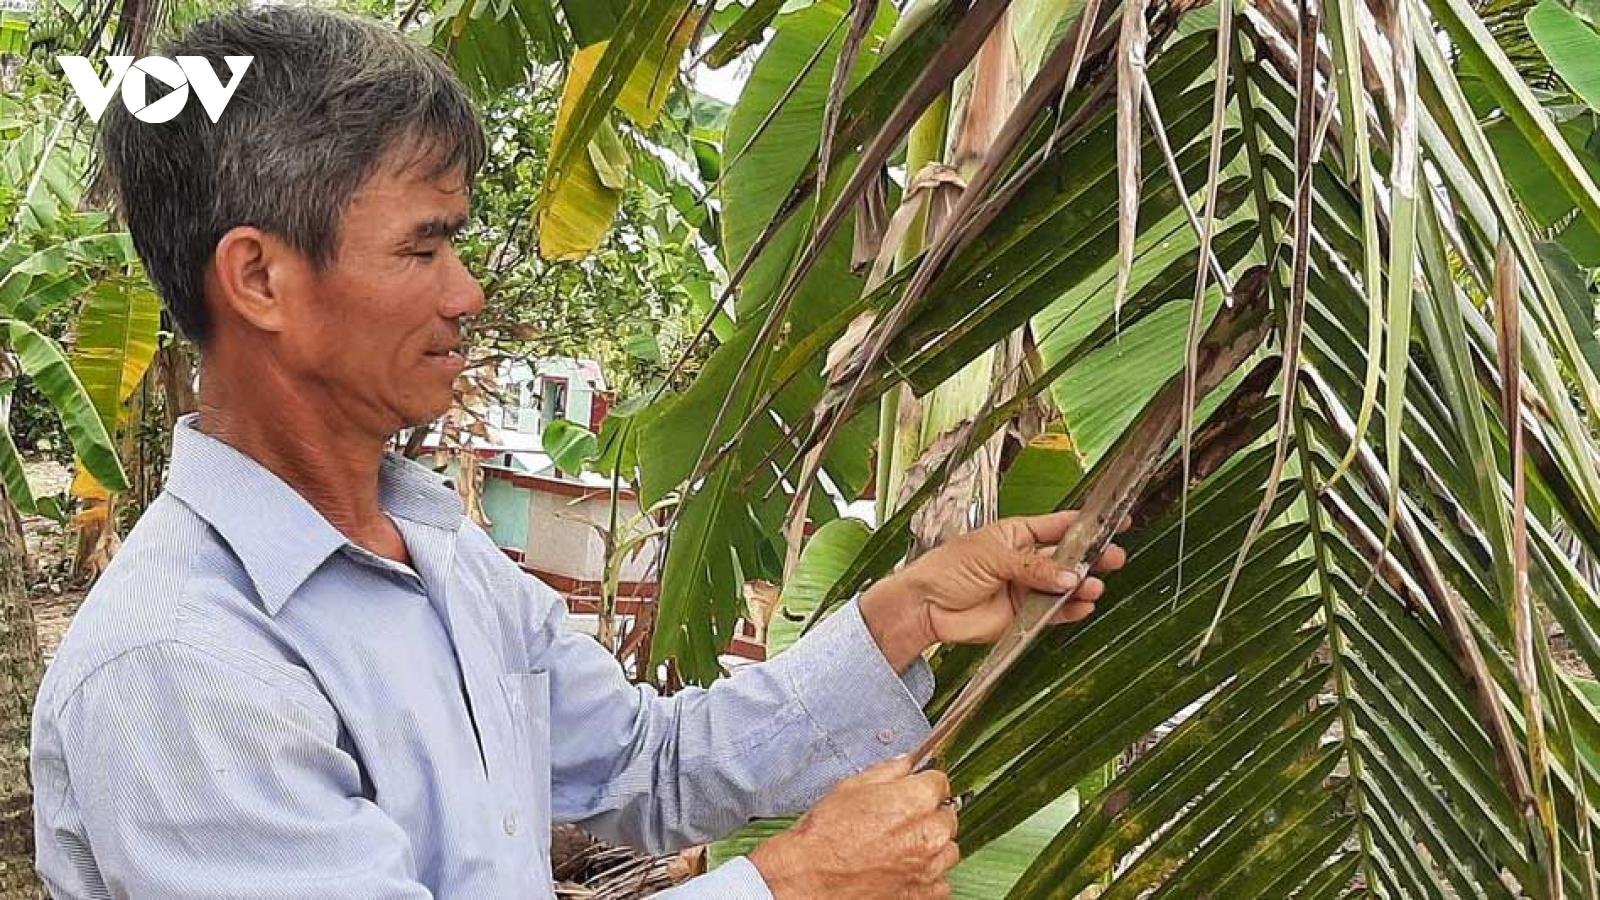 """Sâu đầu đen """"lộng hành"""" gây hại hàng trăm ha vườn dừa Bến Tre"""